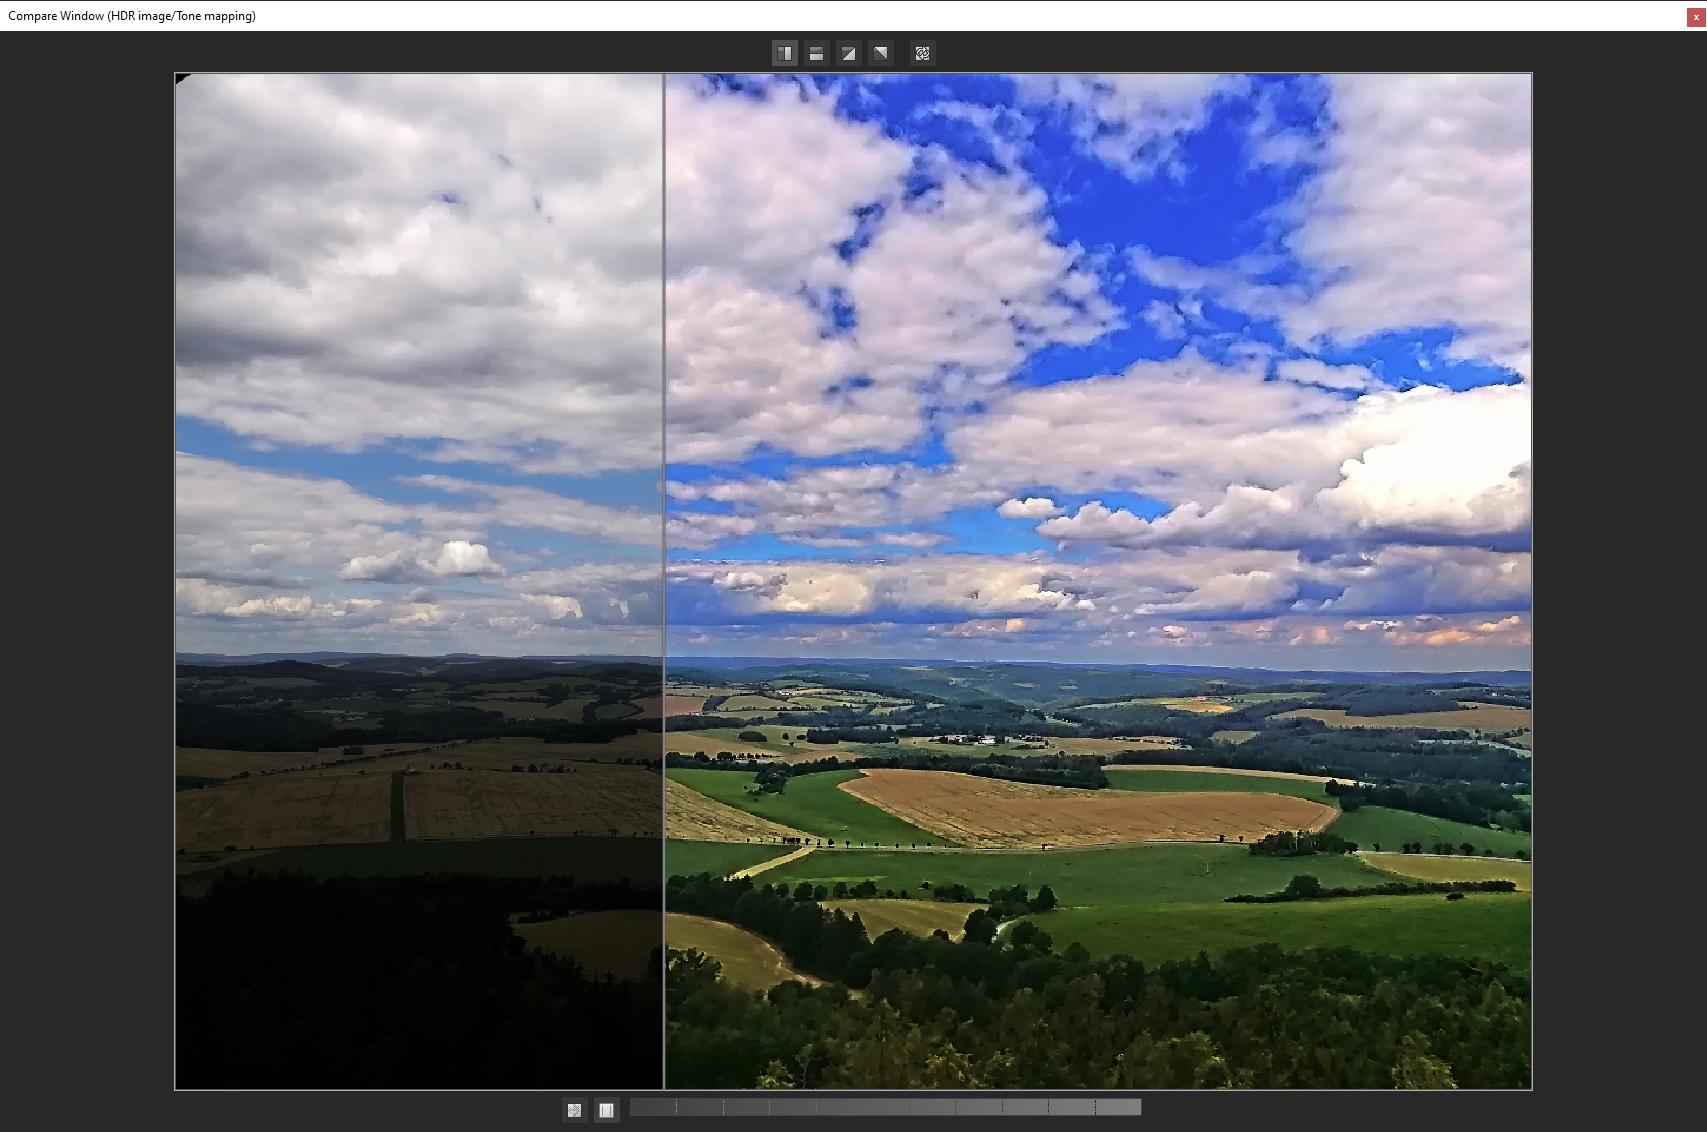 Rychlé porovnání celého snímku před a po provedení změn umožňuje samostatné okno »Compare Window« s chytrým posuvníkem přímo na náhledu fotografie. Posuvník může být nejen klasicky svislý, ale i vodorovný a v podobě uhlopříčky, měnit pak můžete i pozici zobrazení originálního snímku a snímku po úpravě.